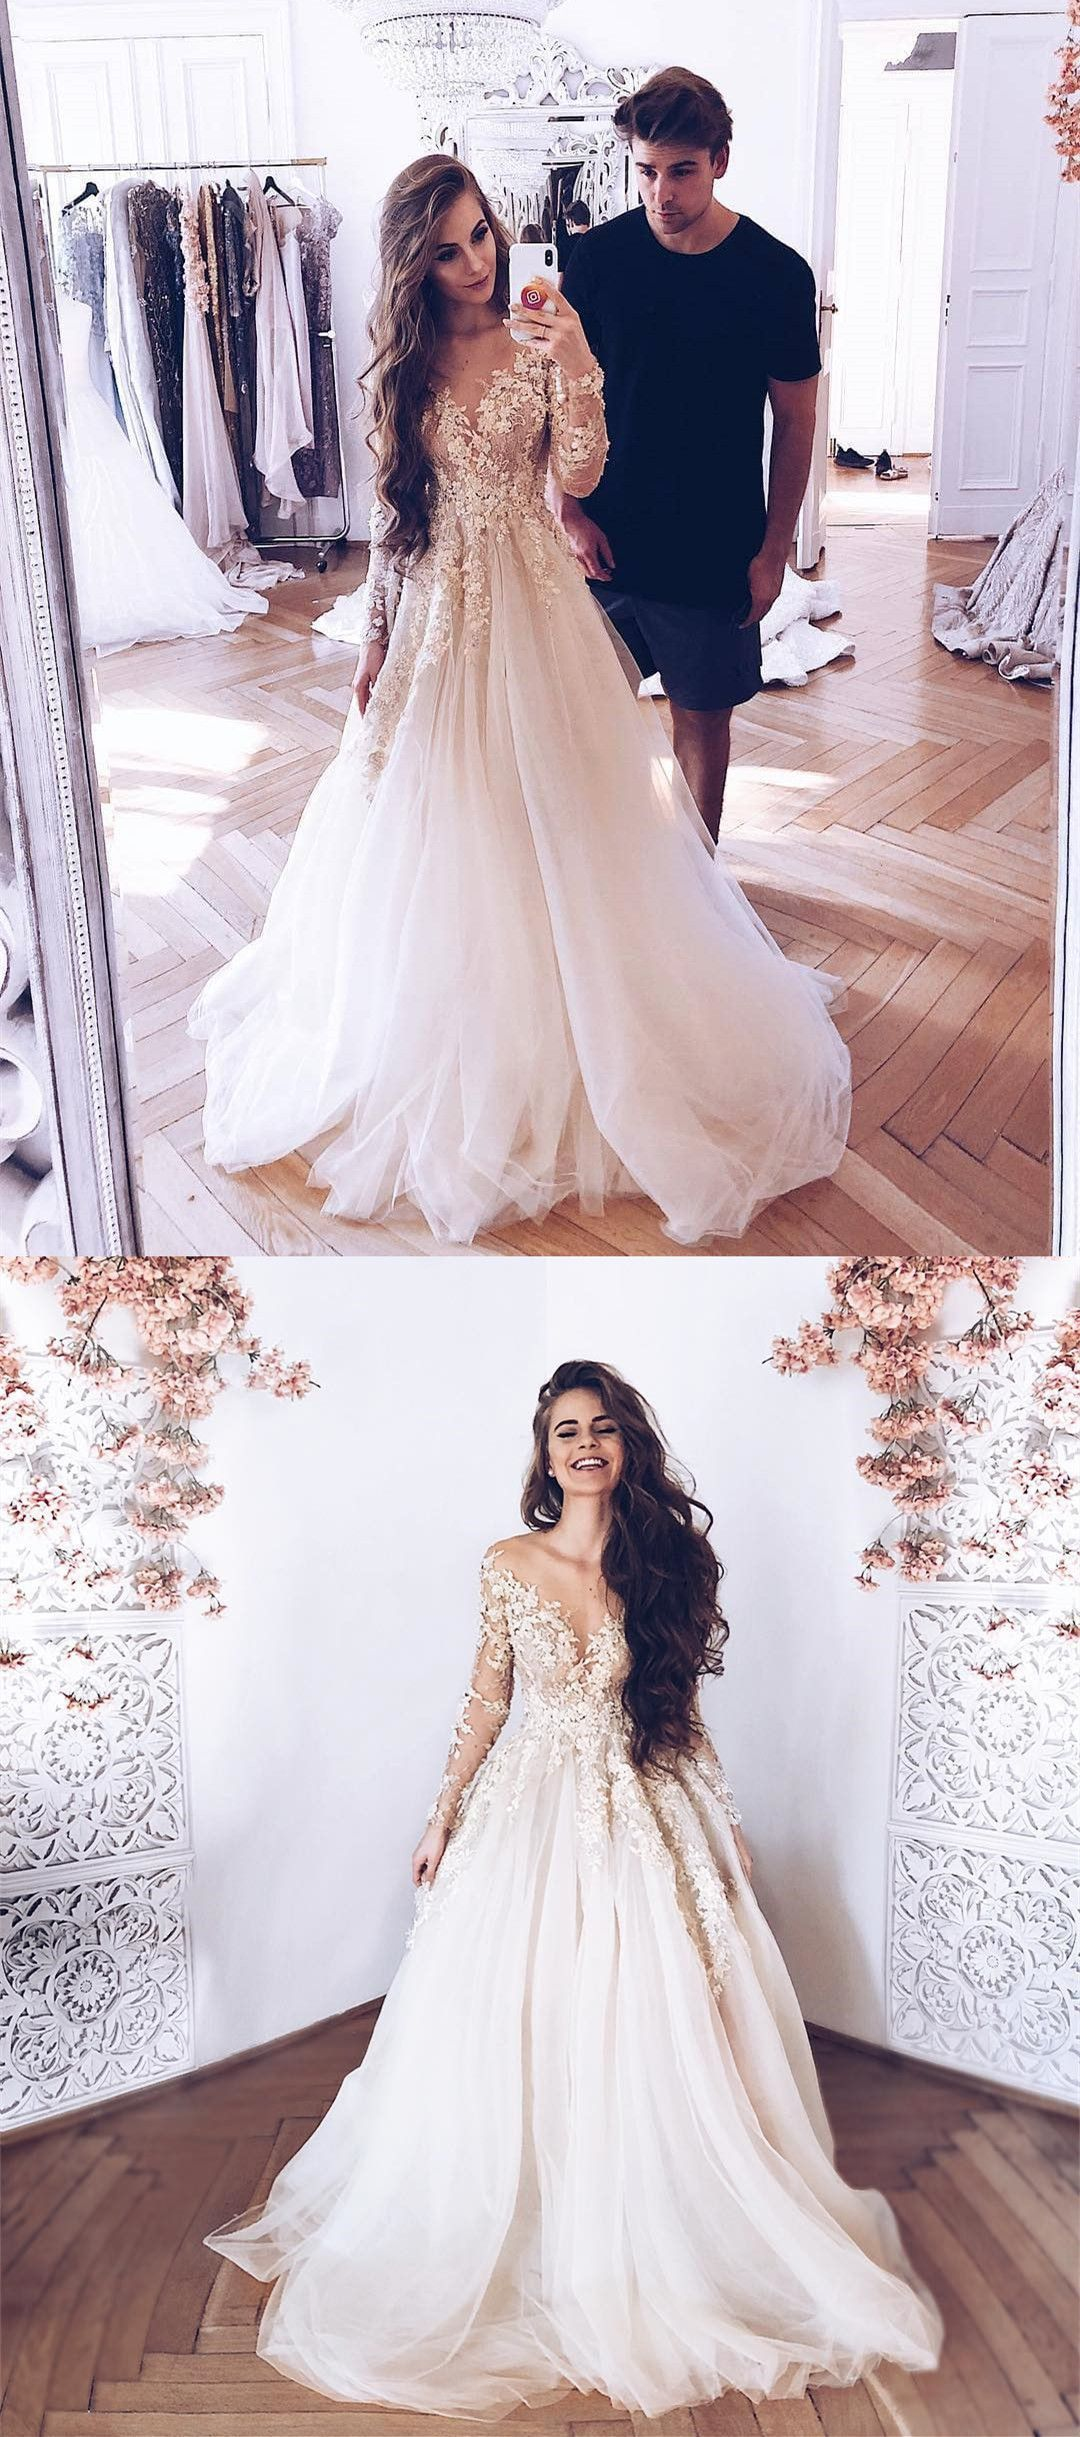 Elegant V Neck Princess Wedding Dresses With Long Sleeves Appliques Wedding Wedding Dresses Ball Gowns Wedding Wedding Dress Long Sleeve